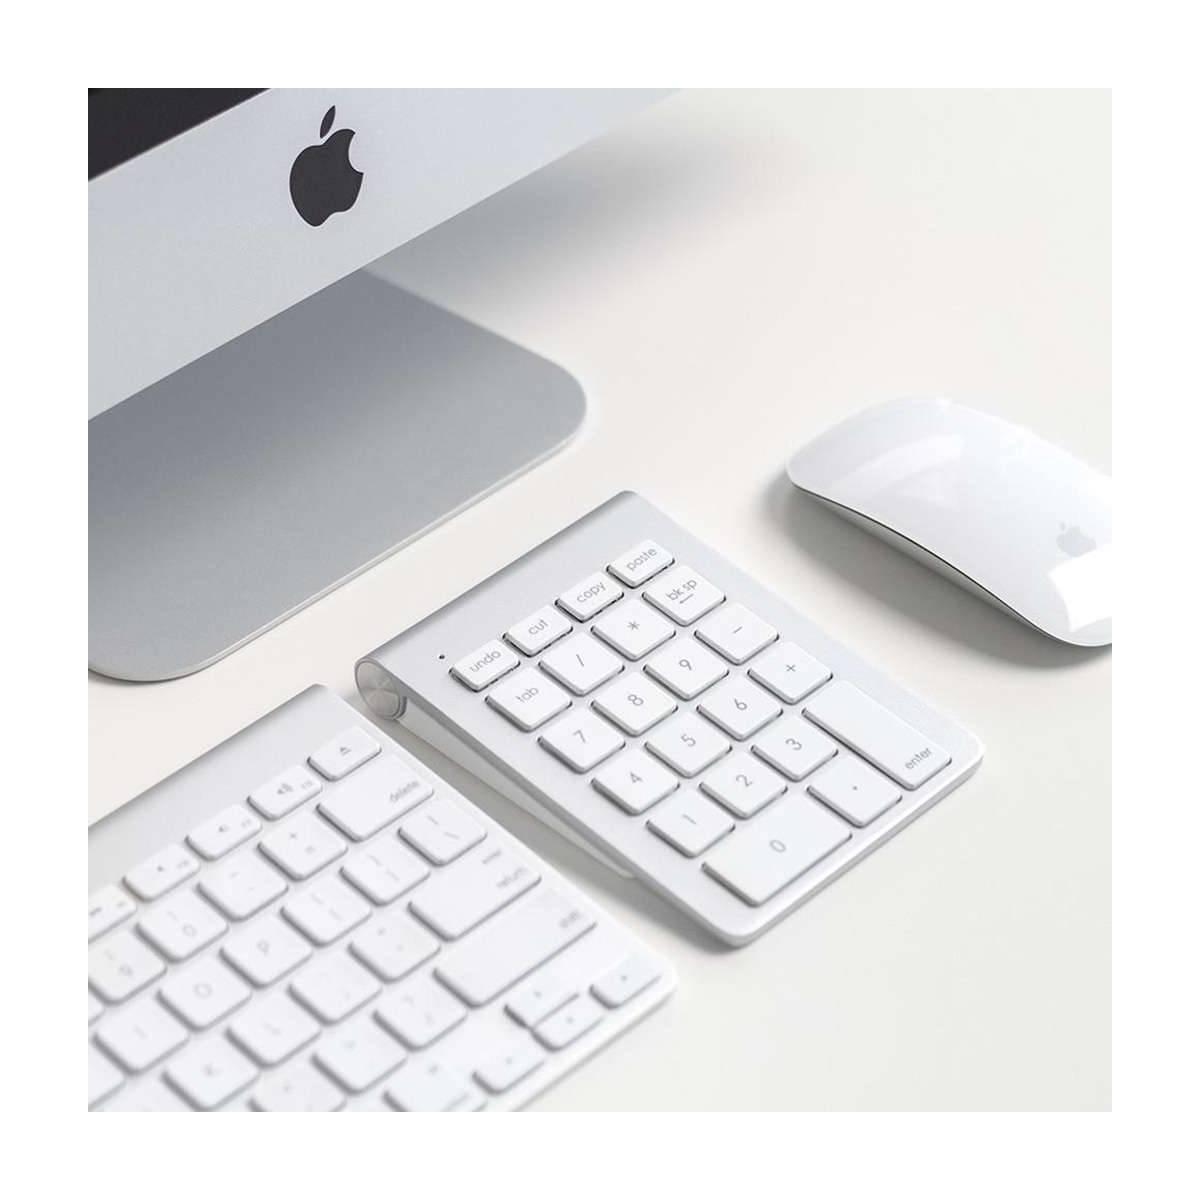 Satechi trådløst tastatur med kopierlim inn knappene